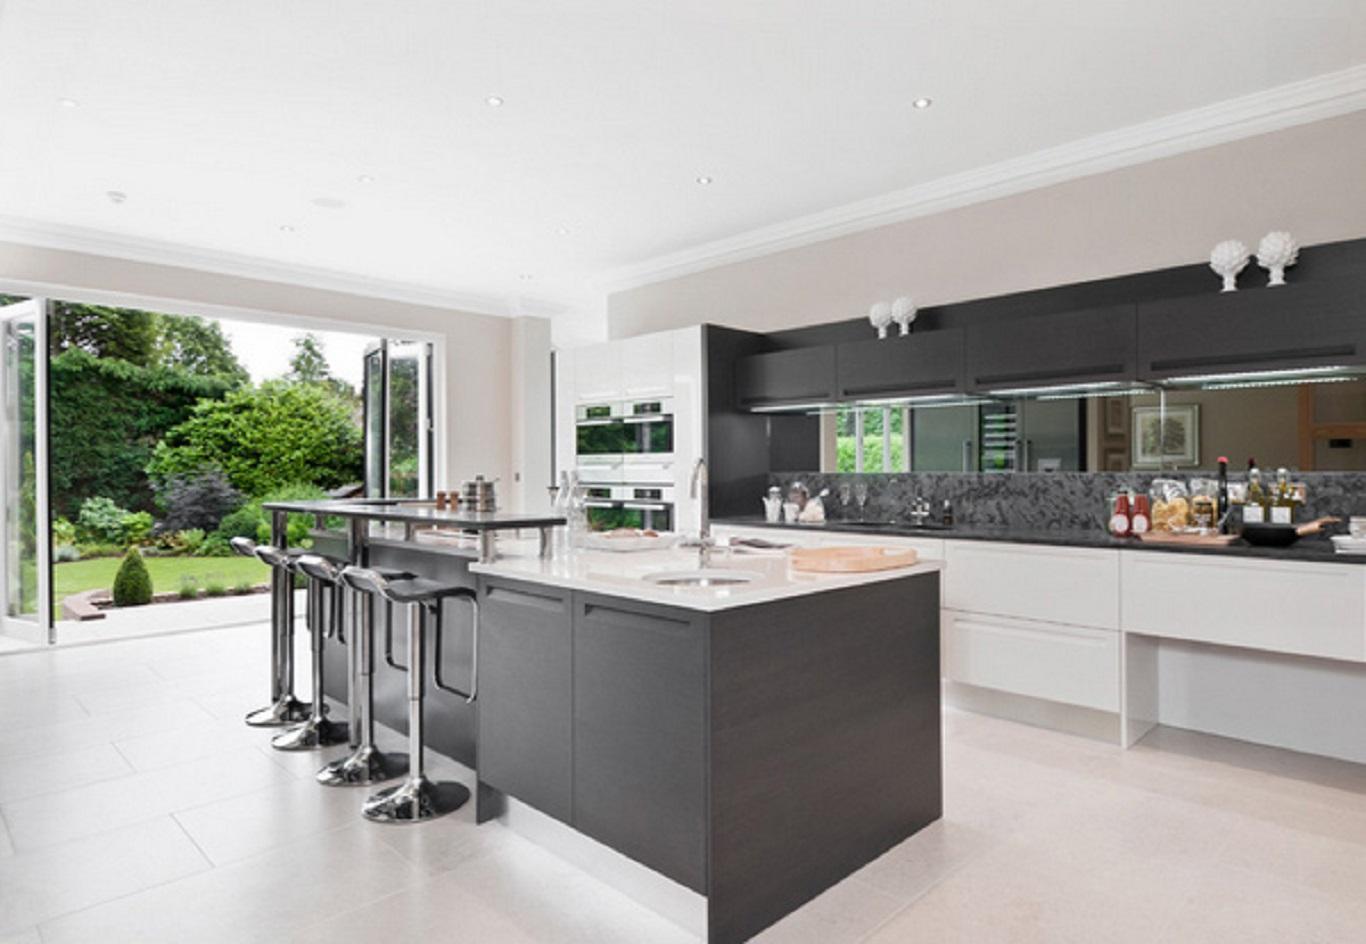 Desain Dapur Terbuka Minimalis Sederhana